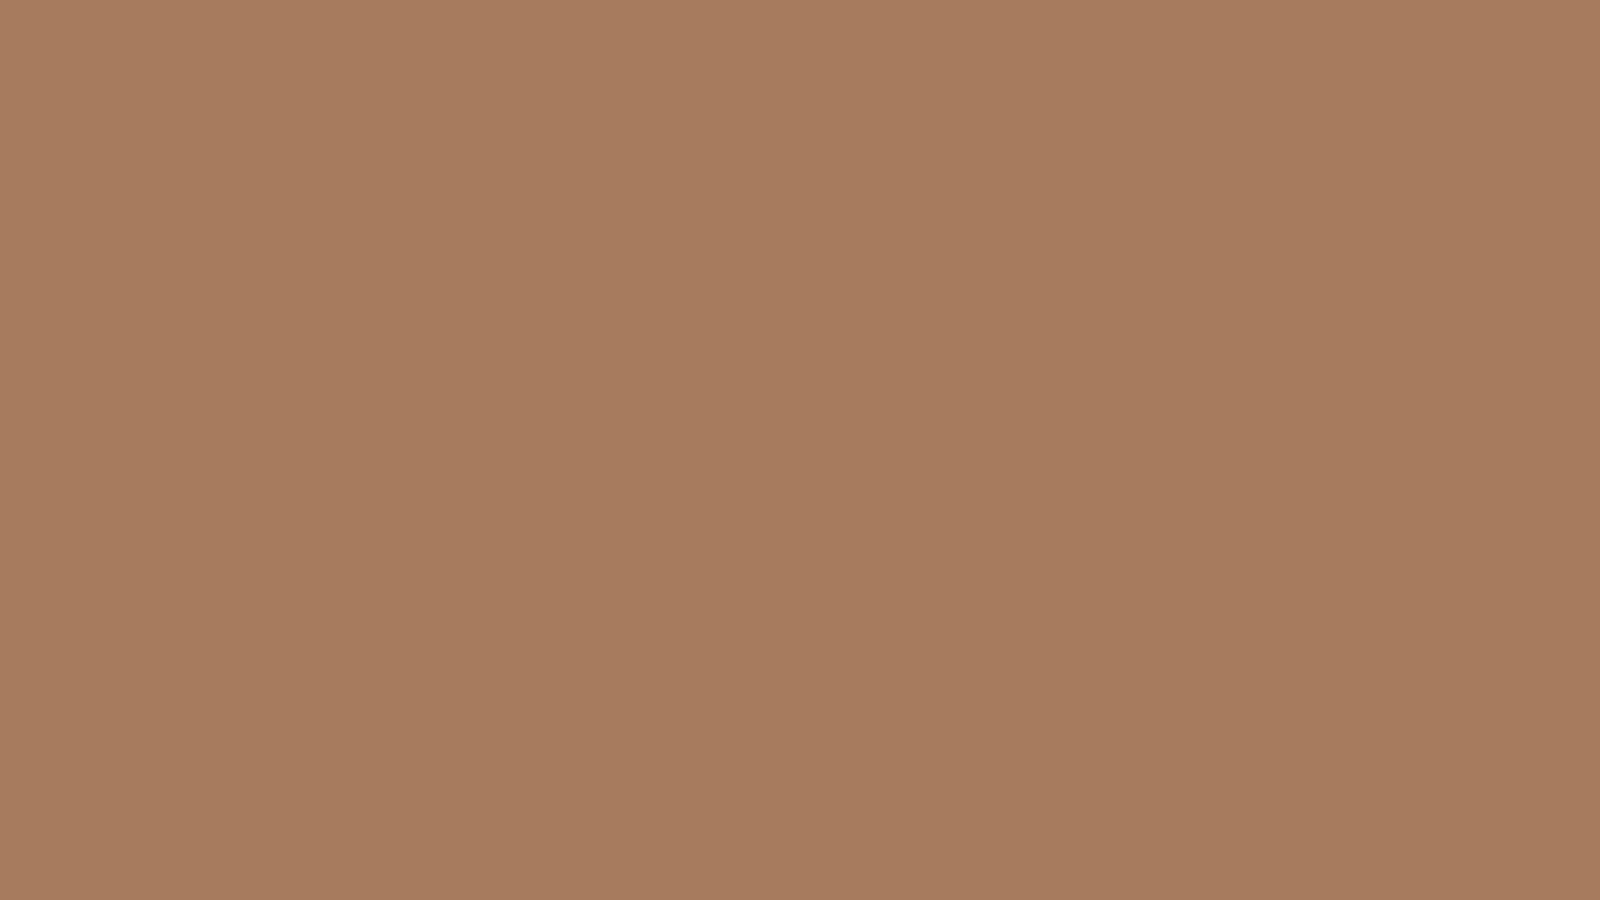 1600x900 Cafe Au Lait Solid Color Background